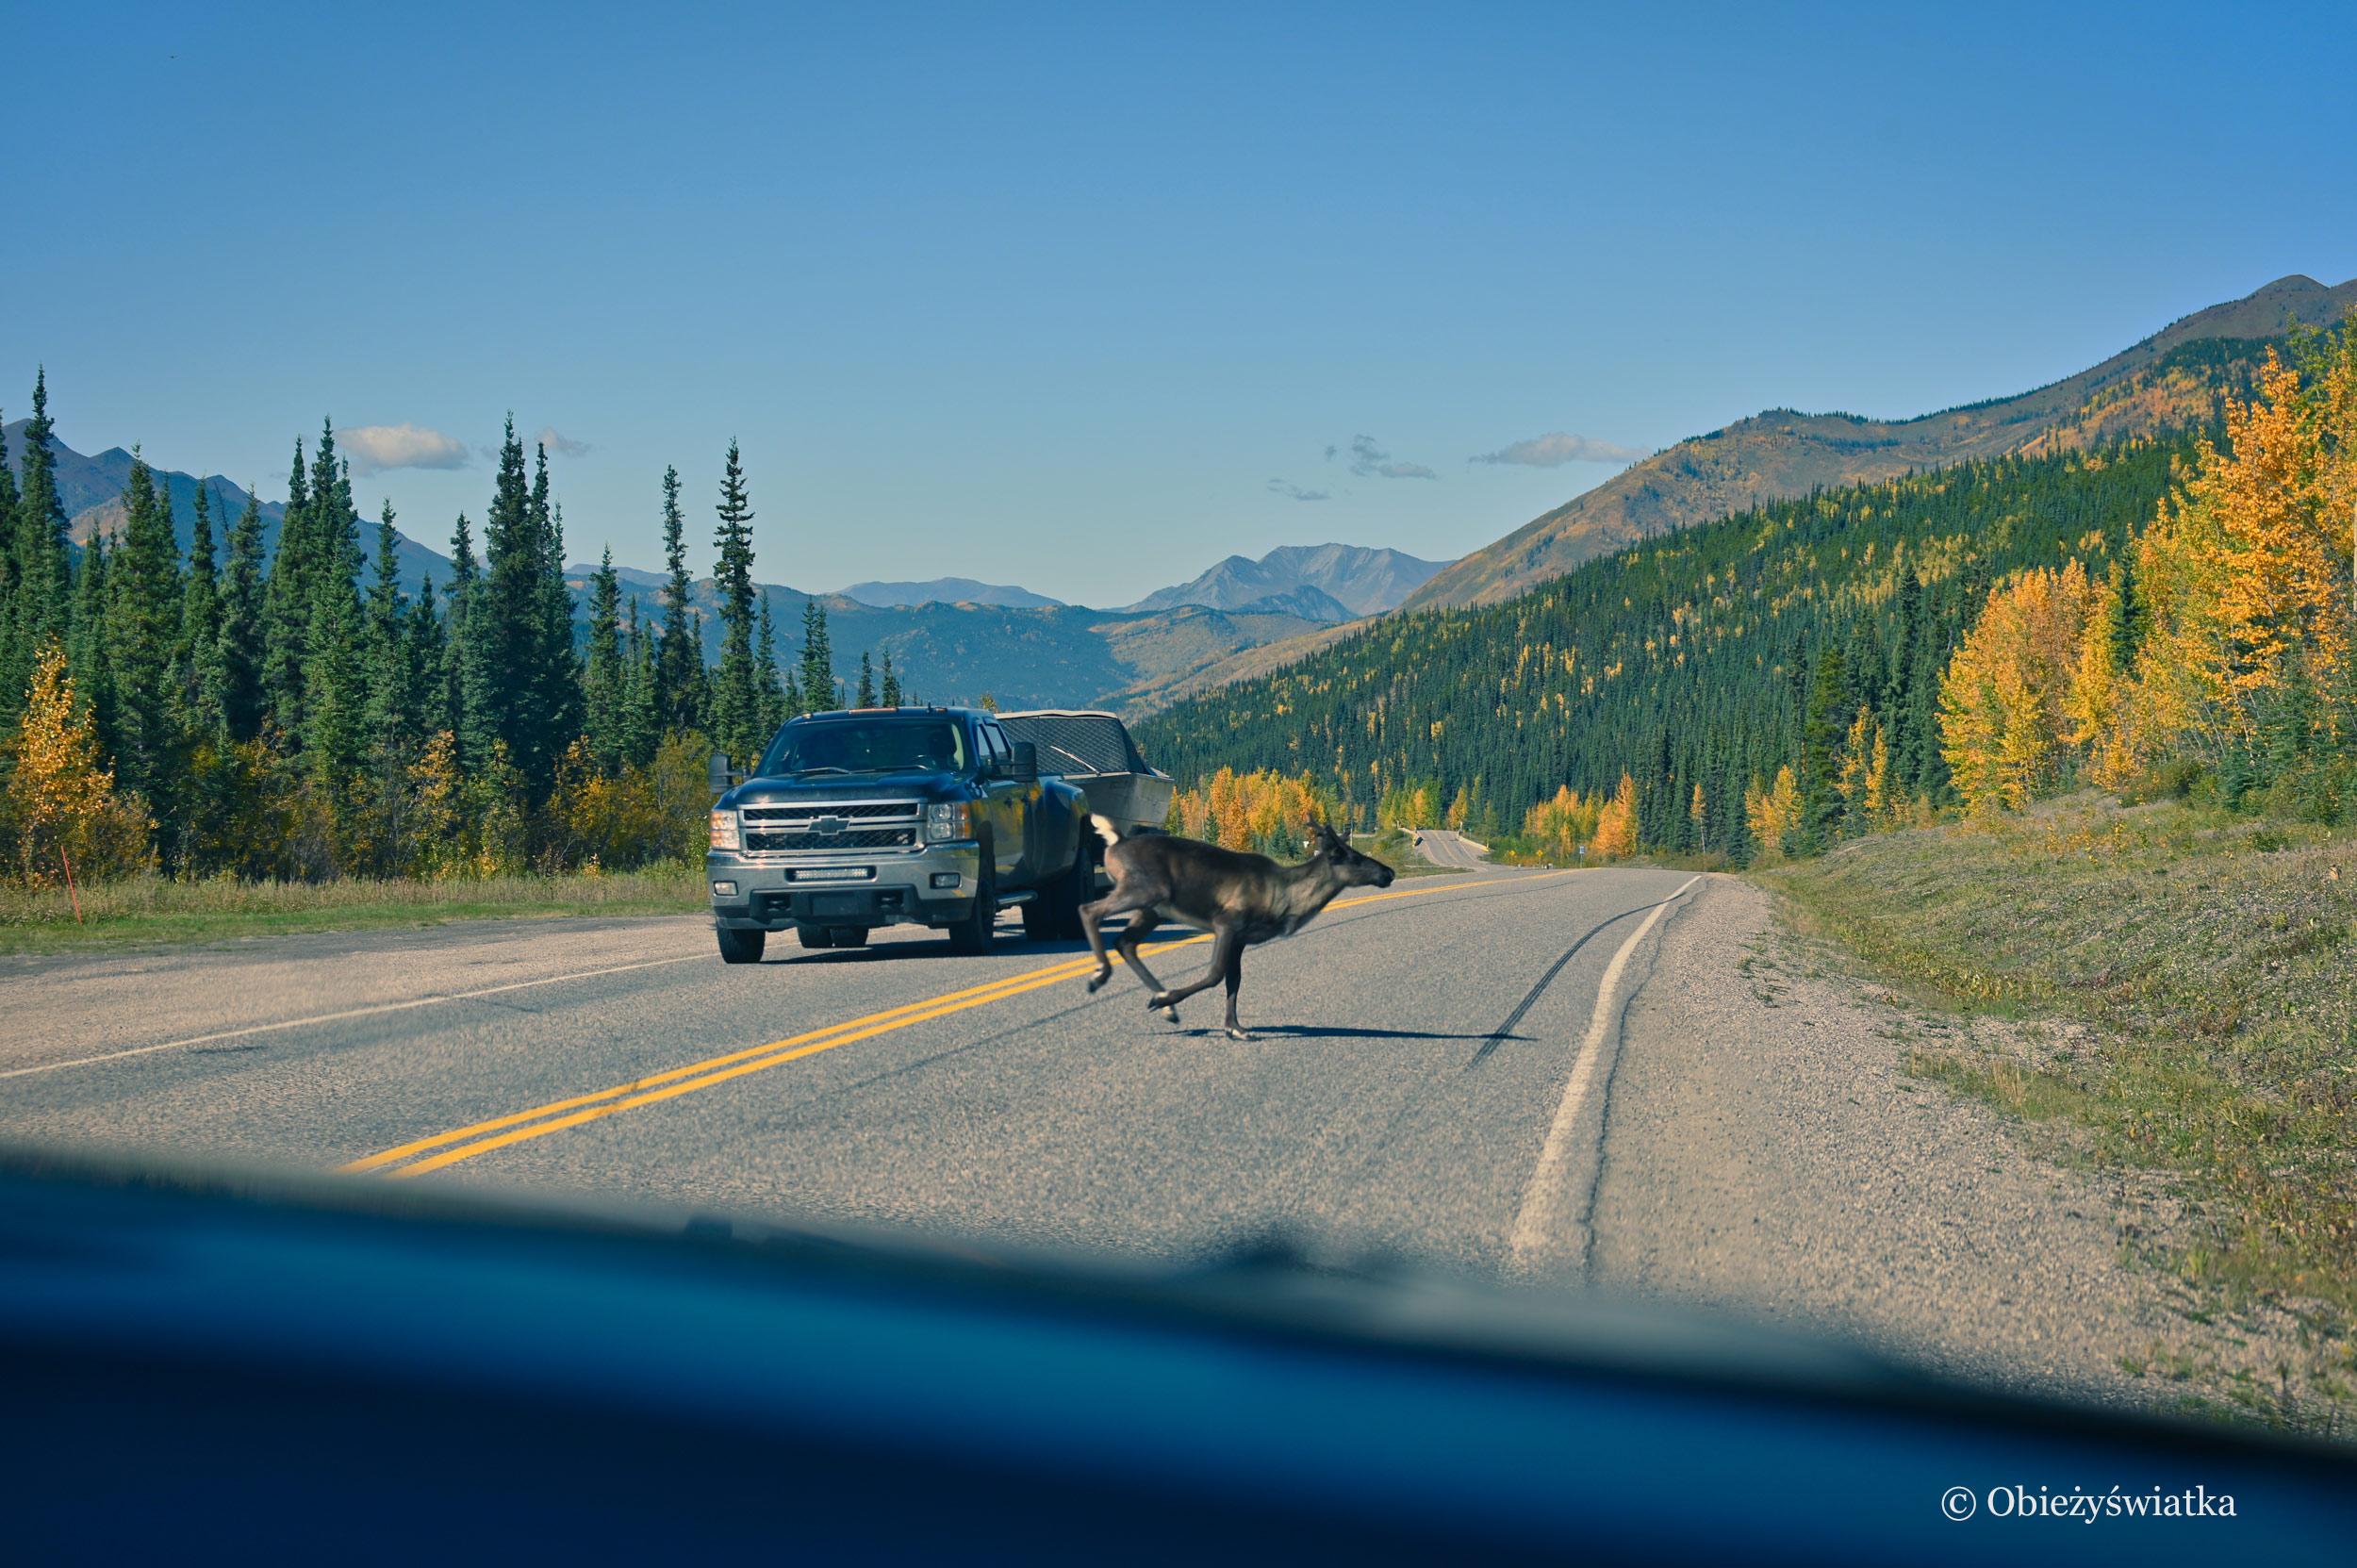 Uwaga na zwierzęta na drodze - Alaska Highway, Kanada